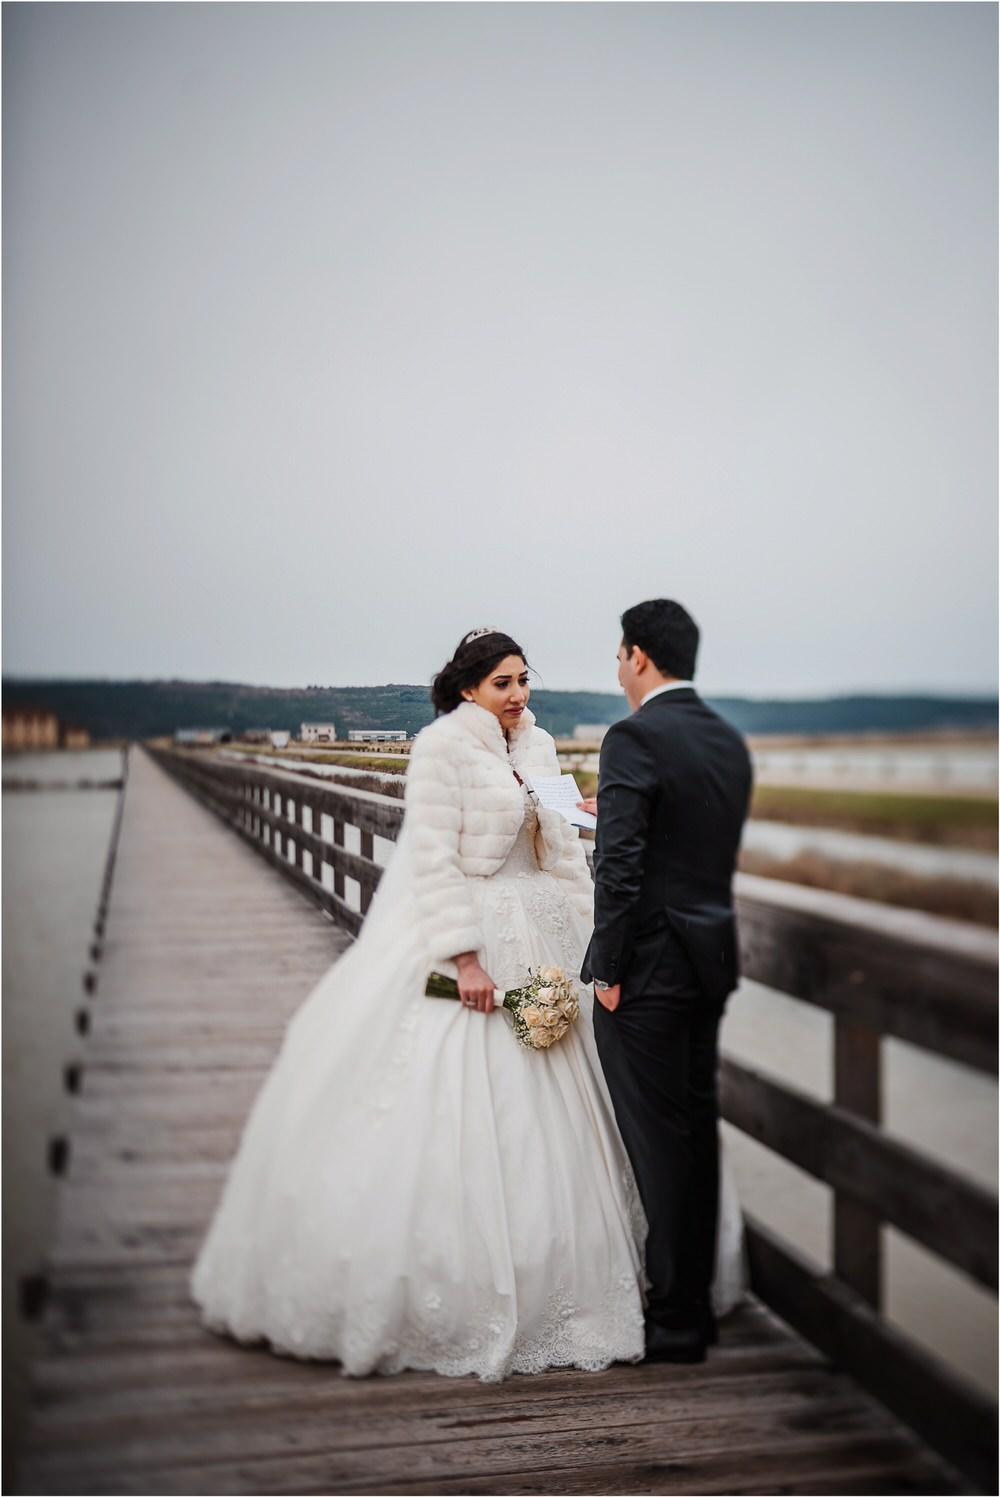 piran slovenia wedding elopement poroka obala portoroz primorska soline secovlje morje beach 0053.jpg